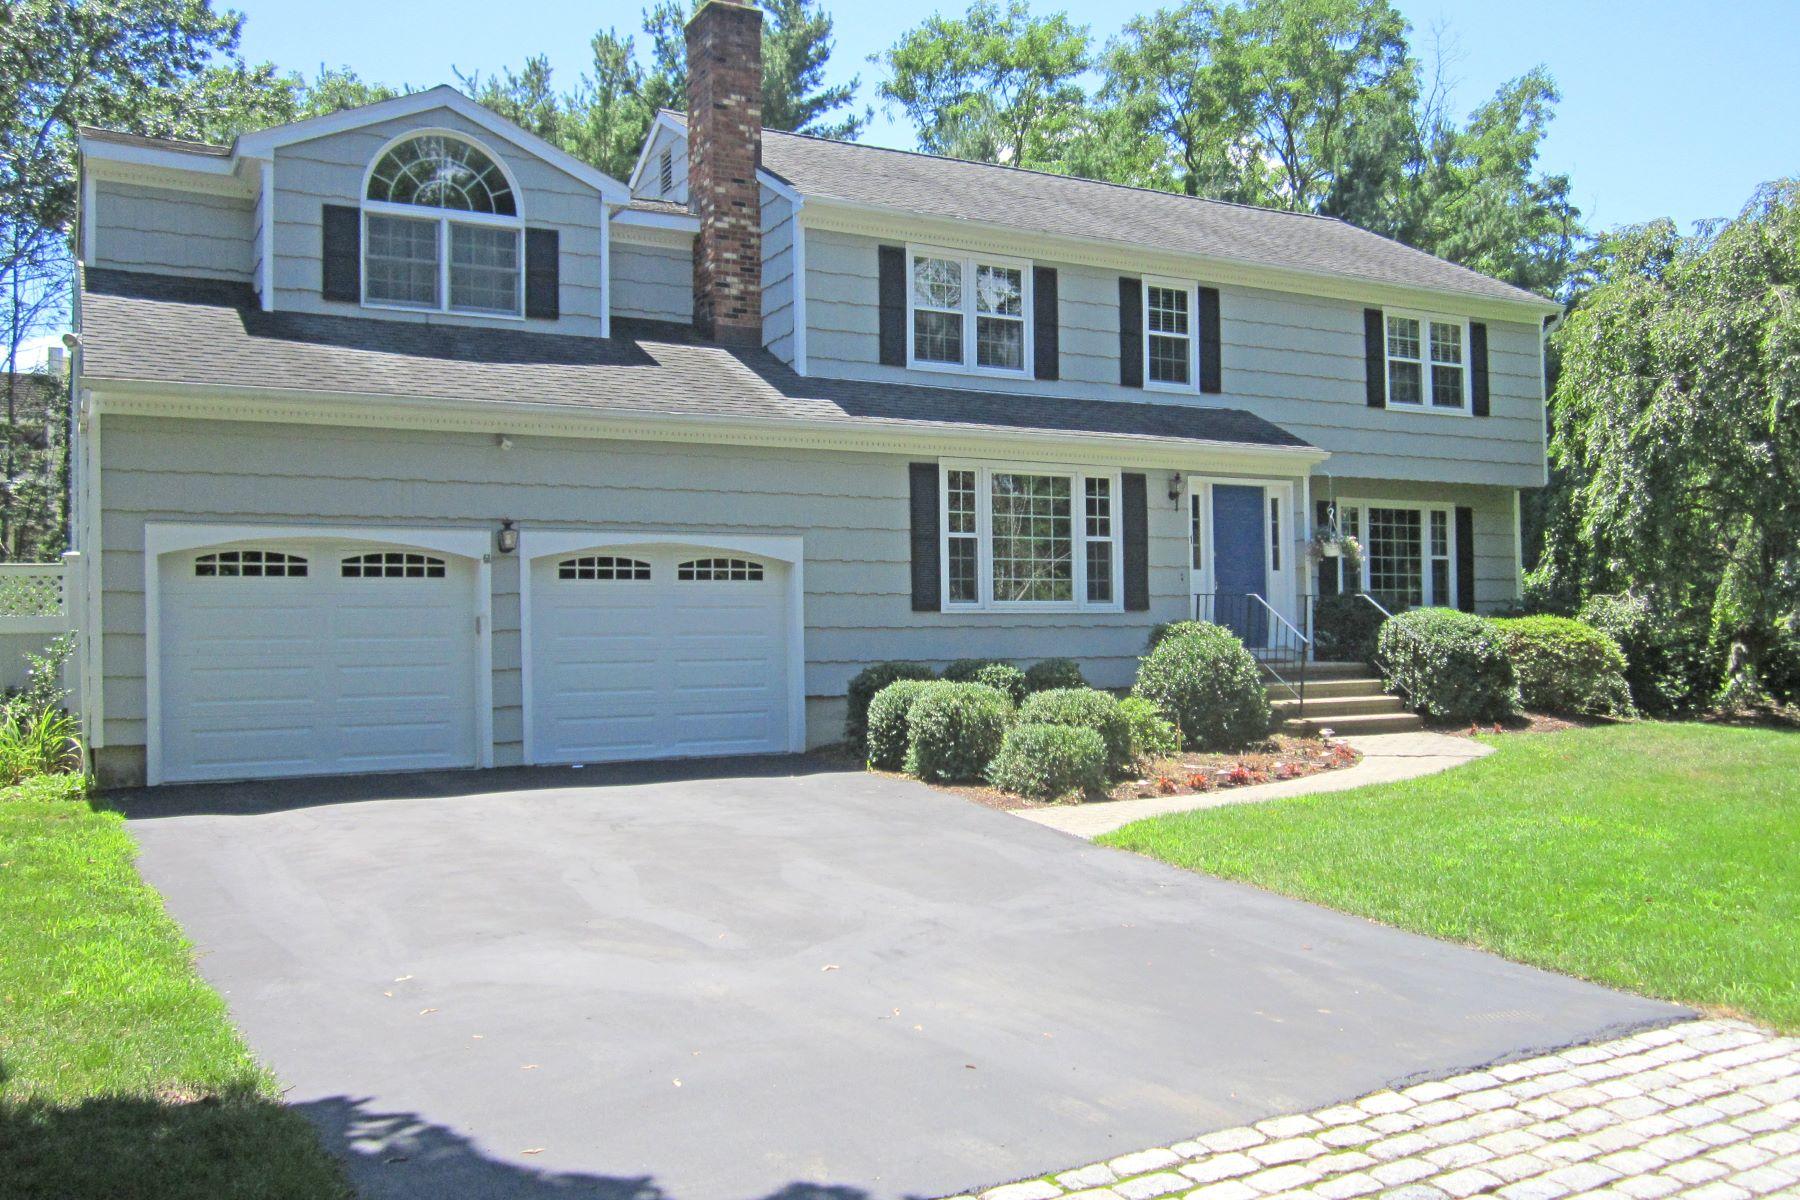 一戸建て のために 売買 アット Classic New England Colonial 1 Donald Drive Westport, コネチカット, 06880 アメリカ合衆国